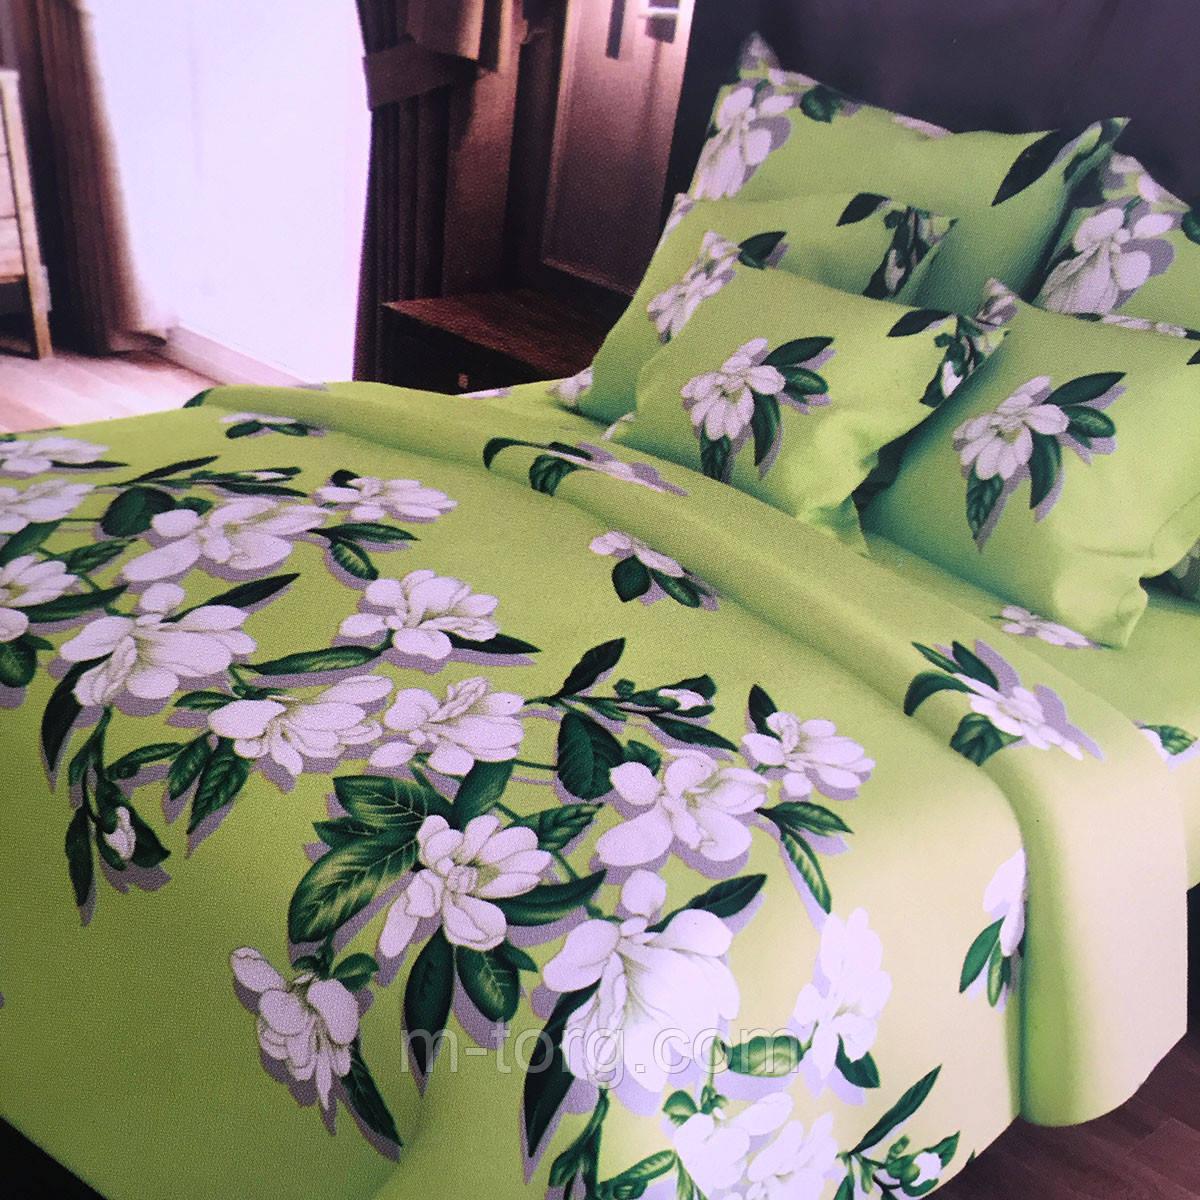 Комплект постельного белья полуторный 150/220, нав-ки 70/70, ткань поплин, 100% состоит из хлопка